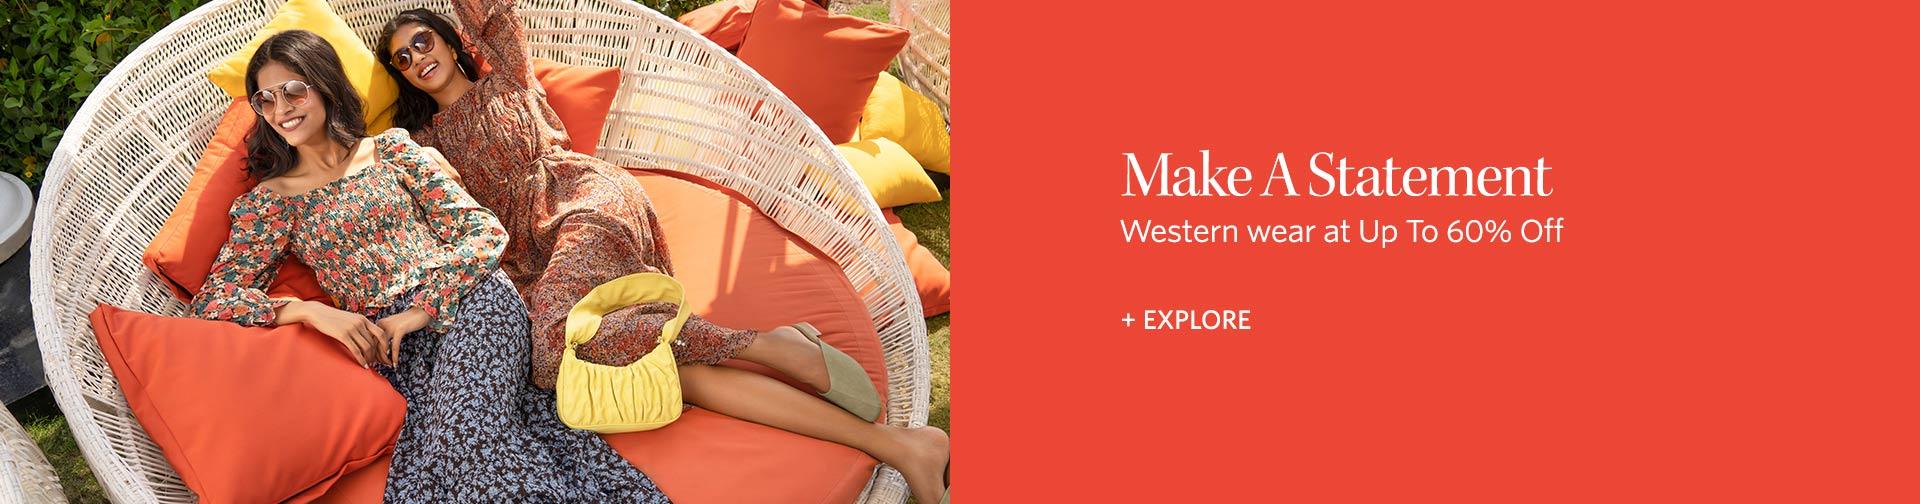 myntra.com - Avail Upto 60% discount on Women's western wear